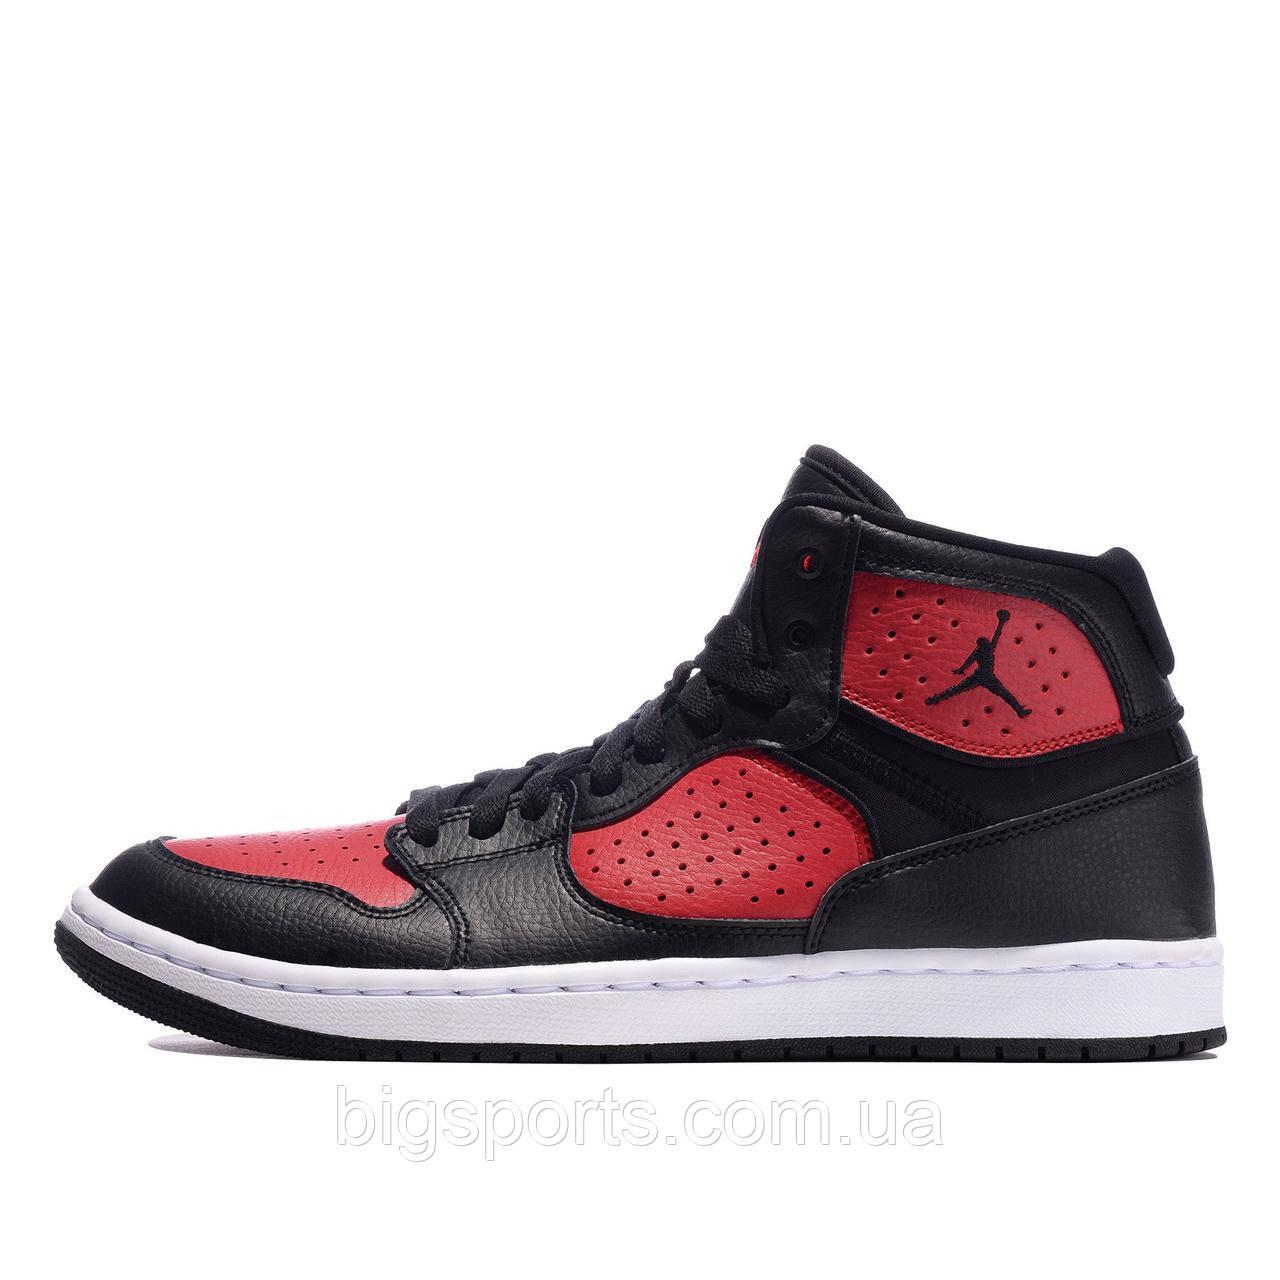 Кроссовки муж. Nike Jordan Access (арт. AR3762-006)